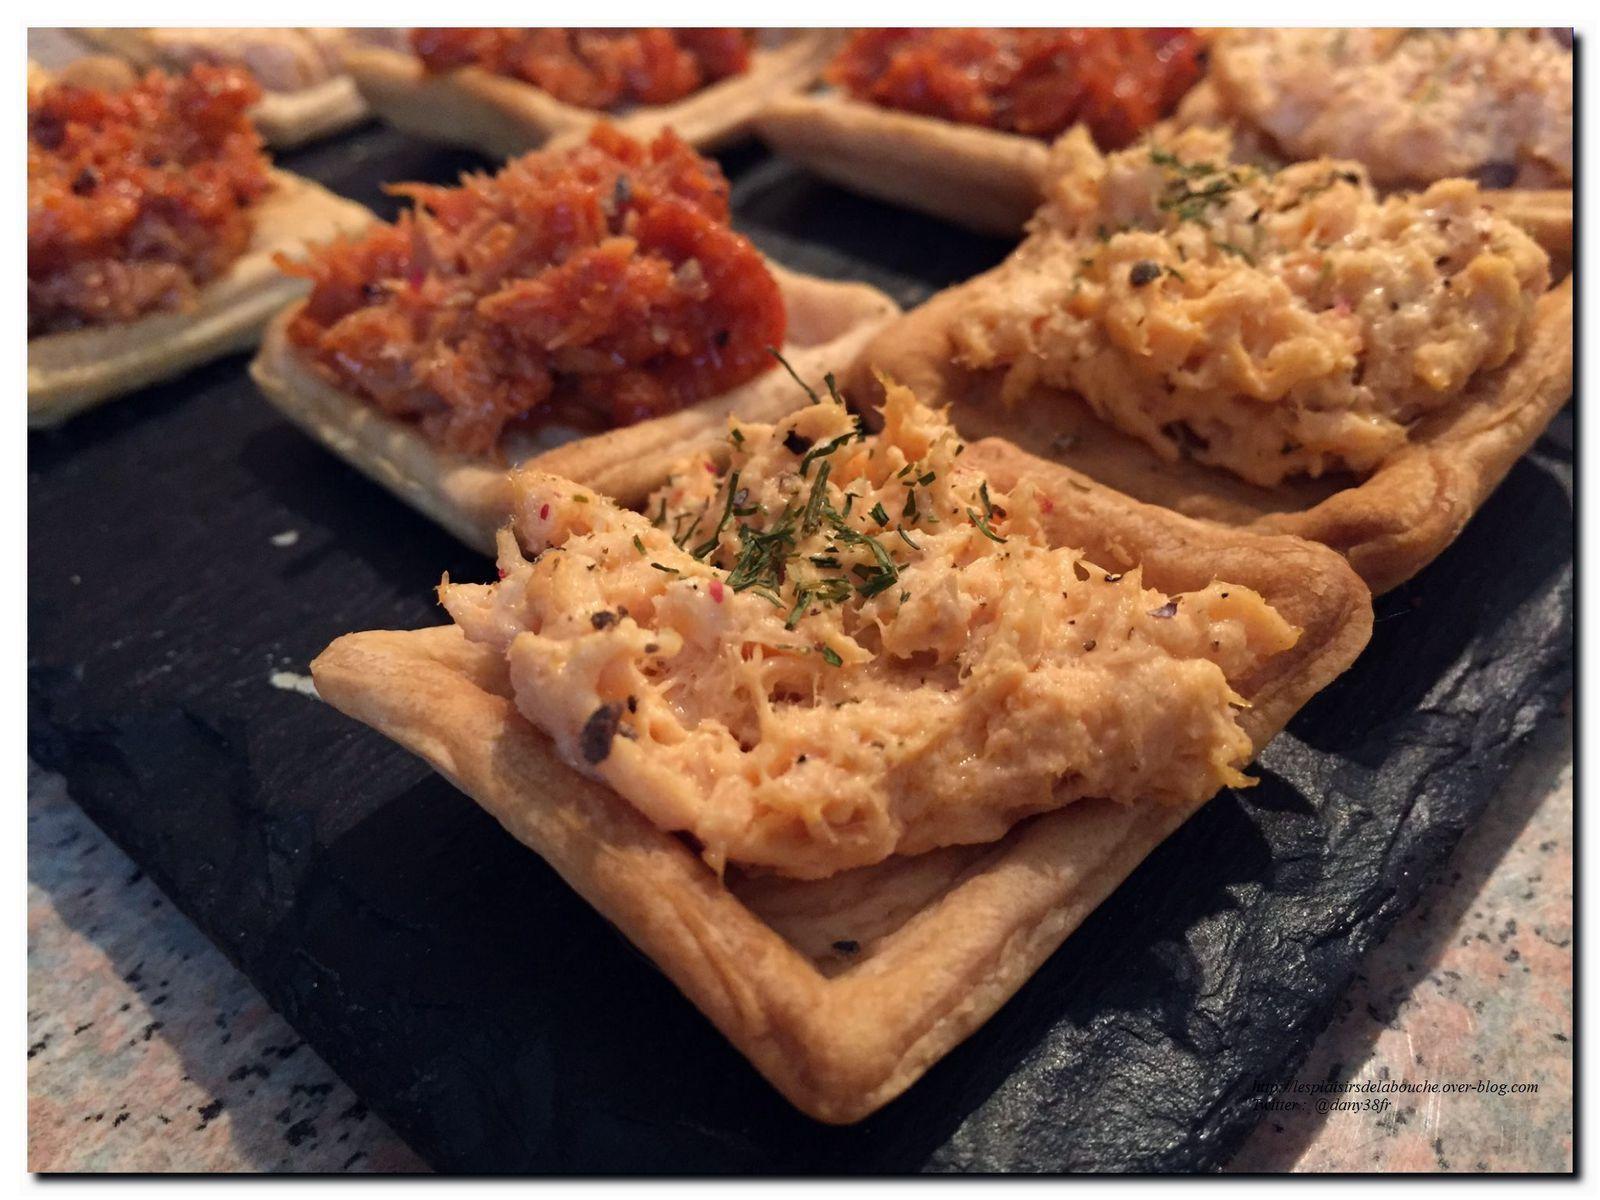 Canap s pour ap ritif for Canape aperitif